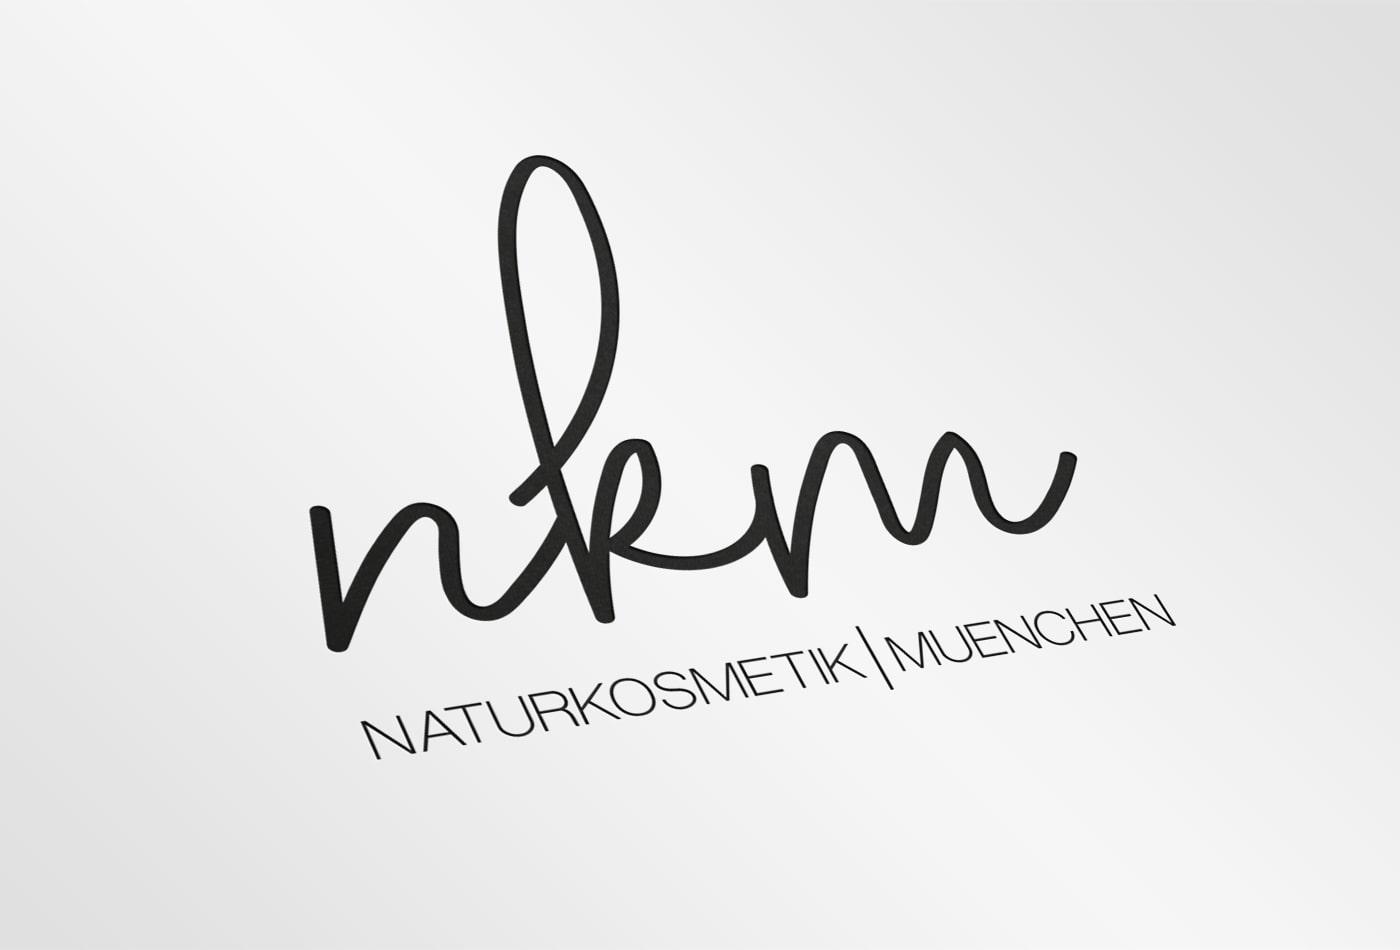 wildefreunde-kunde-nkm-logo-1400x950-min